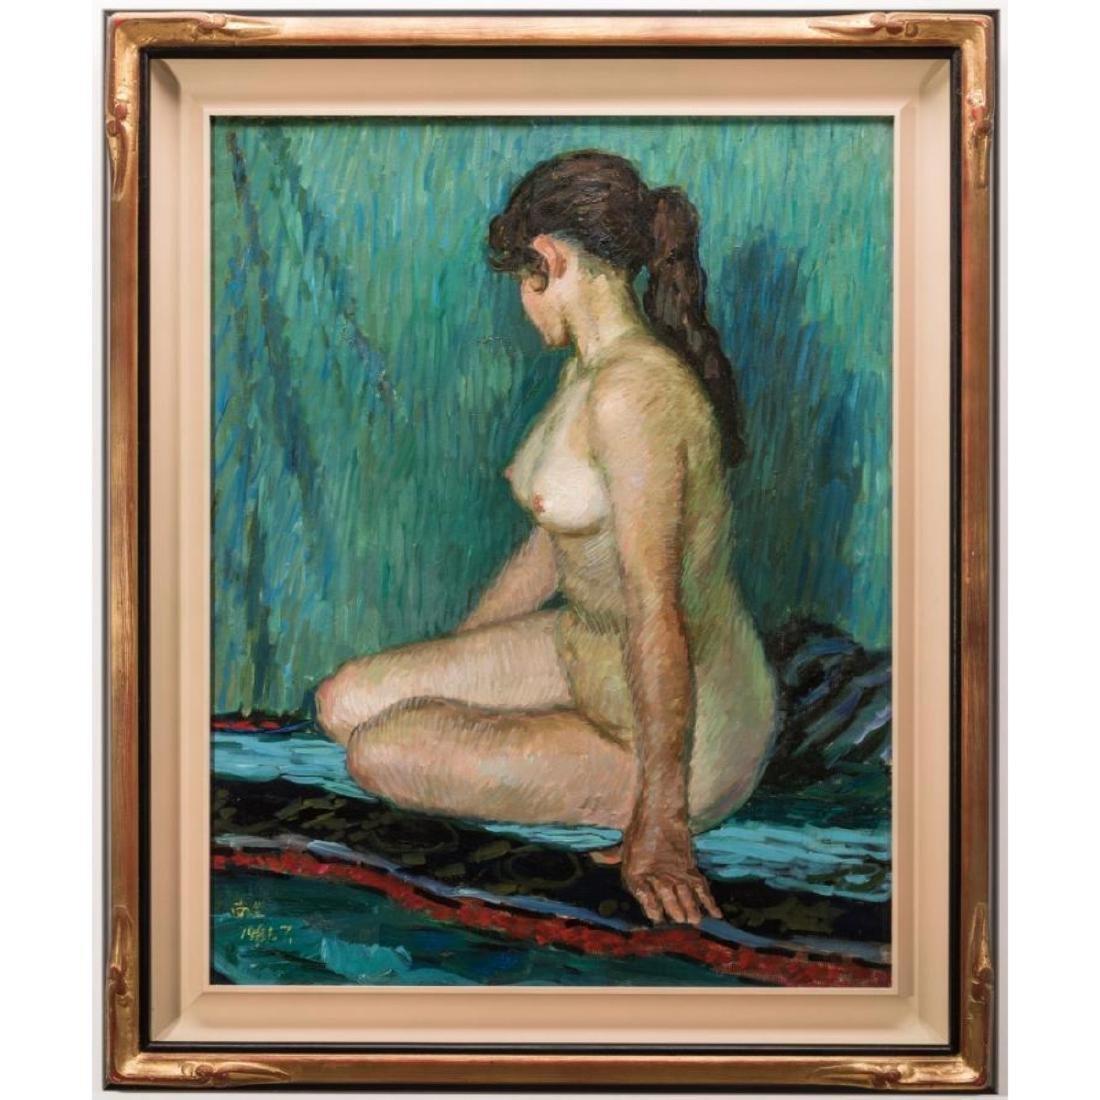 Signed Japanese O/C Impressionist Female Nude